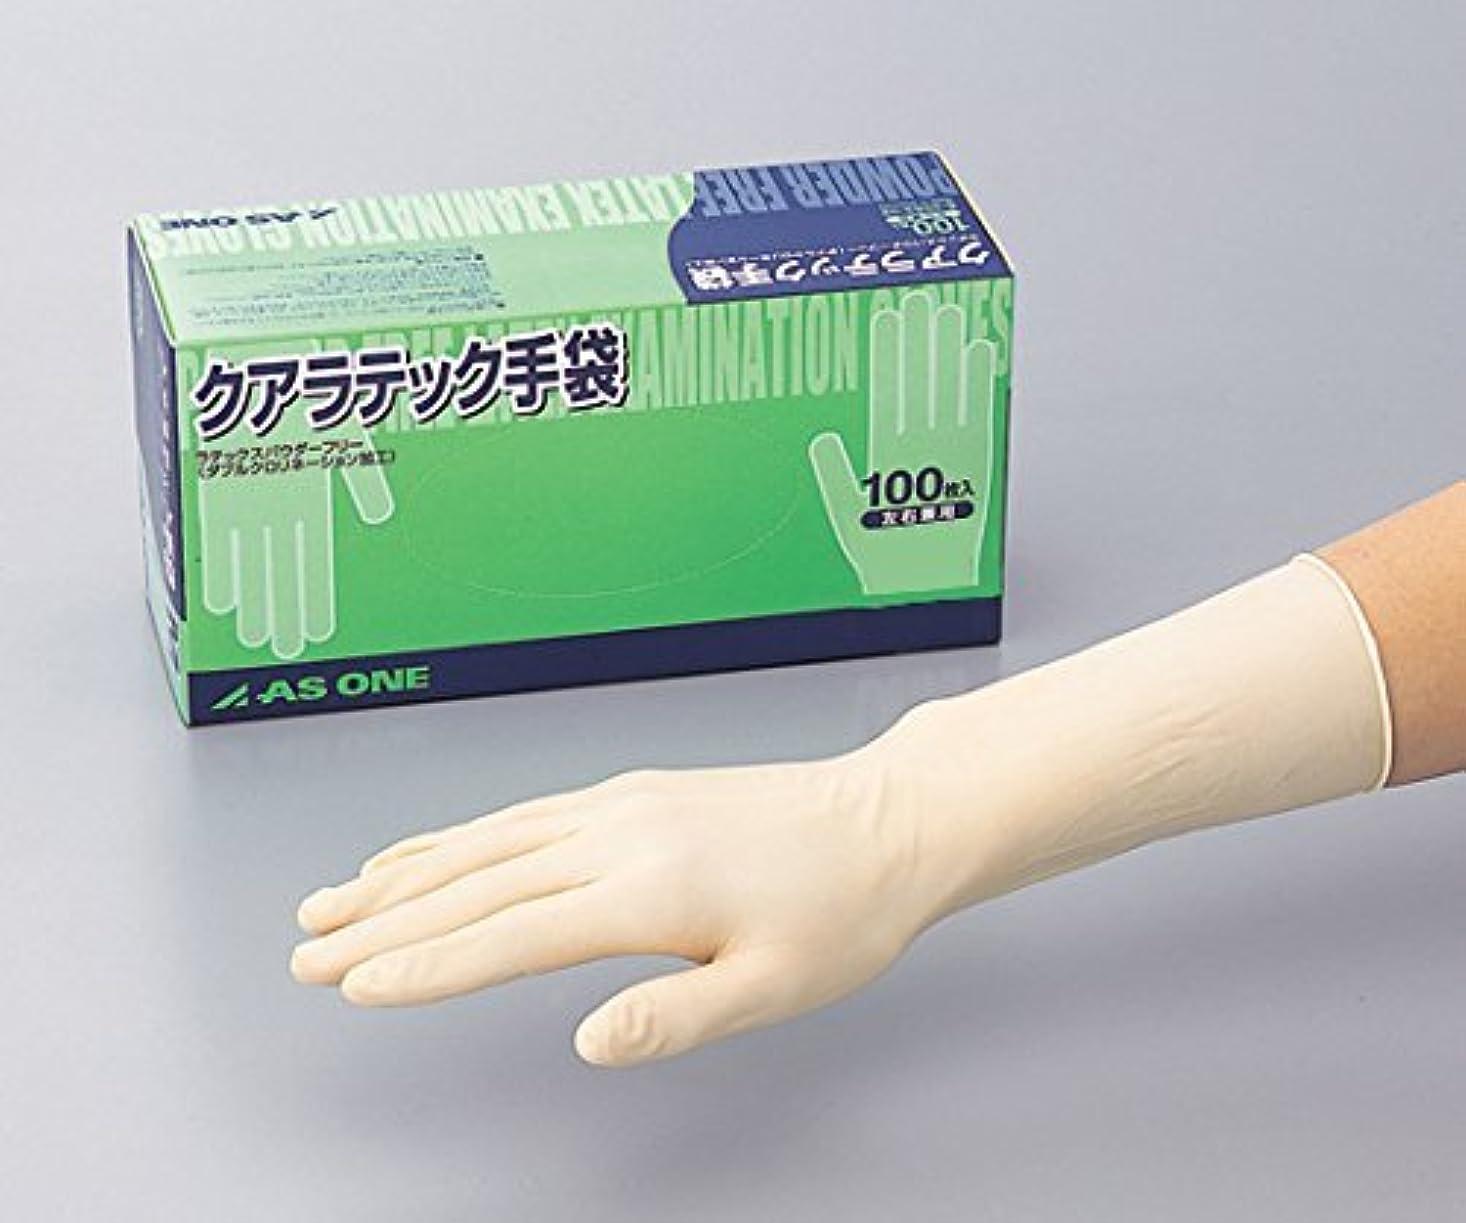 導出癌フェデレーションアズワン8-4053-03クアラテック手袋(DXパウダーフリー)S1箱(100枚入)